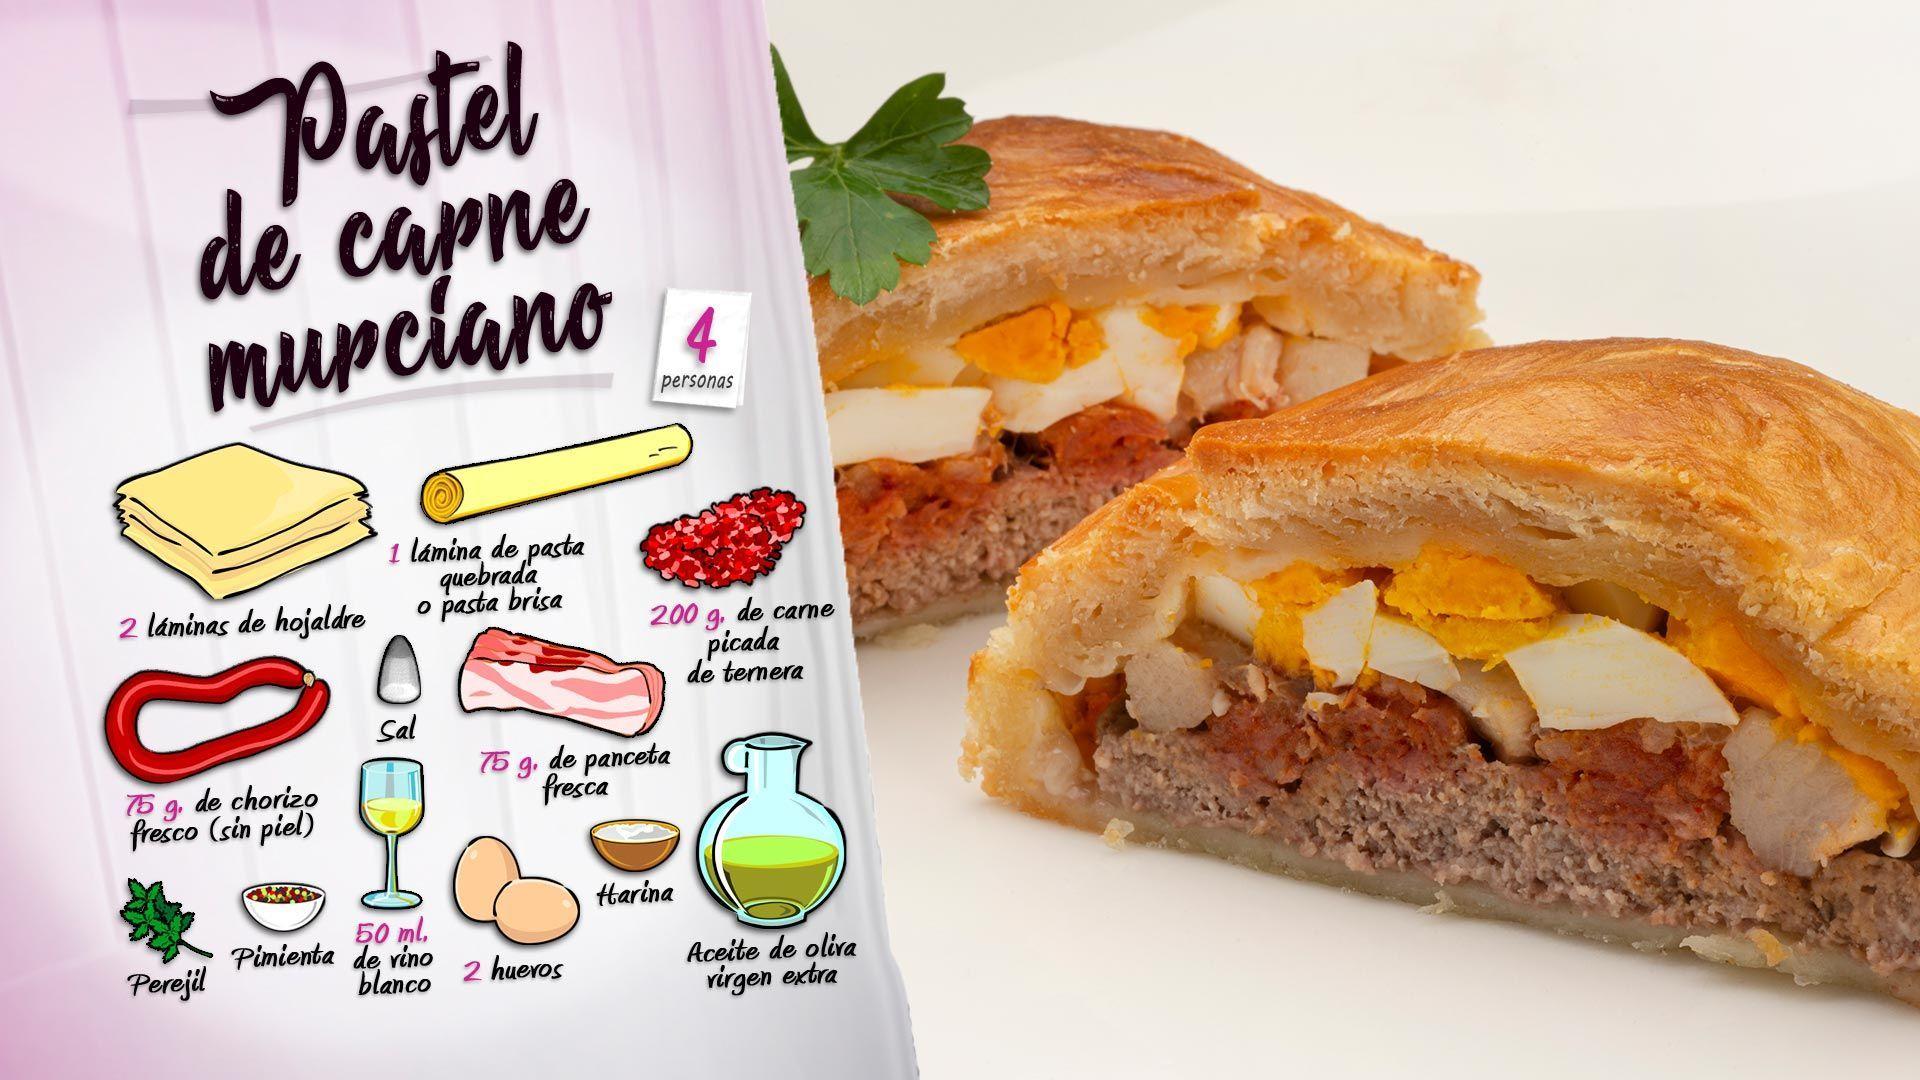 Pastel De Carne Murciano Receta De Karlos Arguiñano En Cocina Abierta Hogarmania Receta Pastel De Carne Recetas Fáciles De Comida Comida Y Bebida